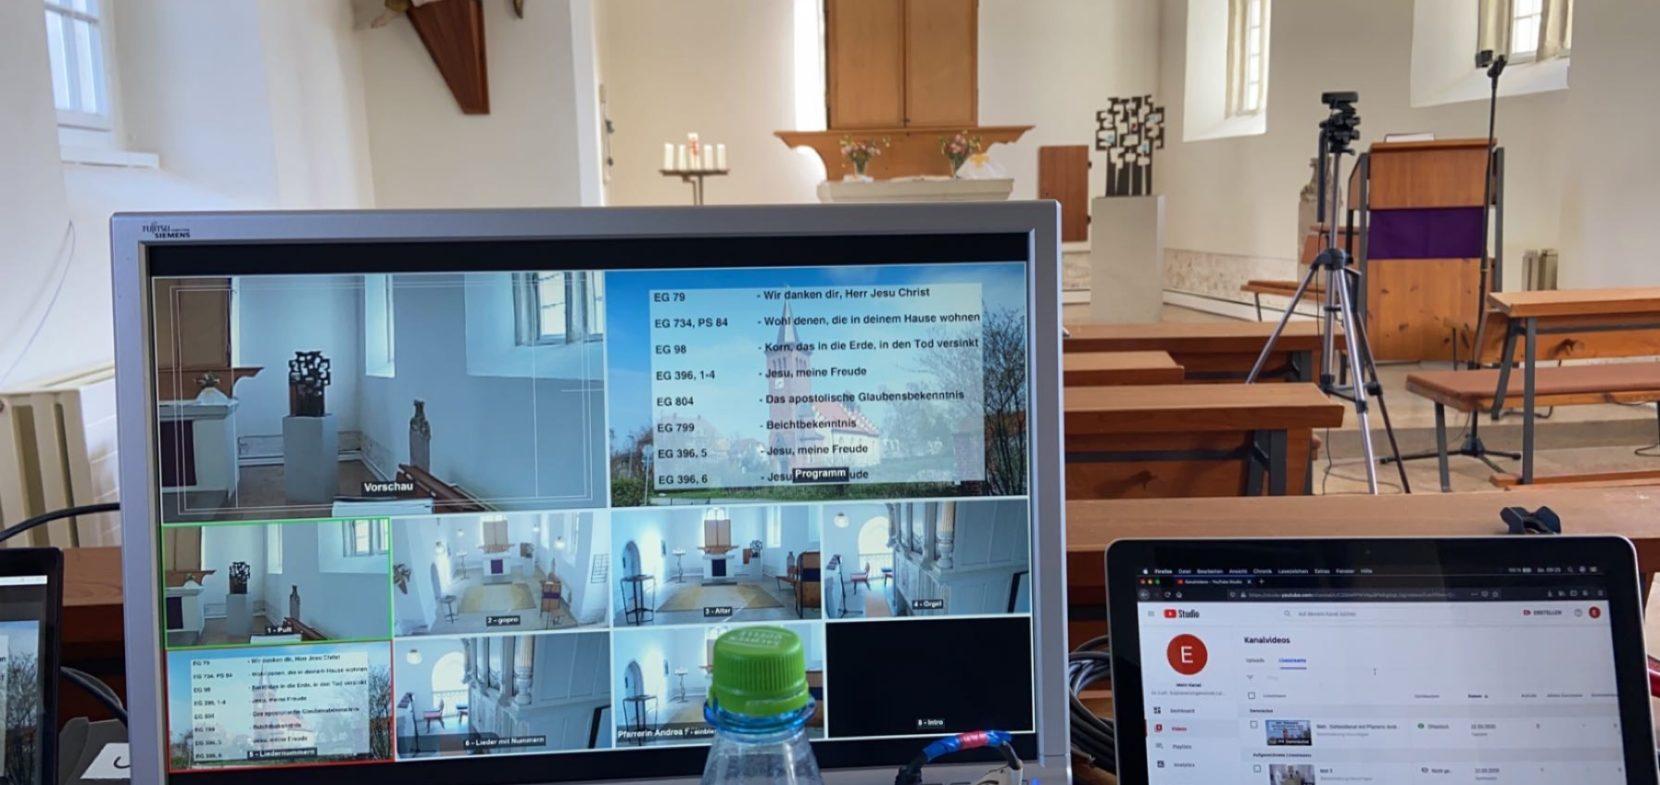 Kirche im Livestream 2020